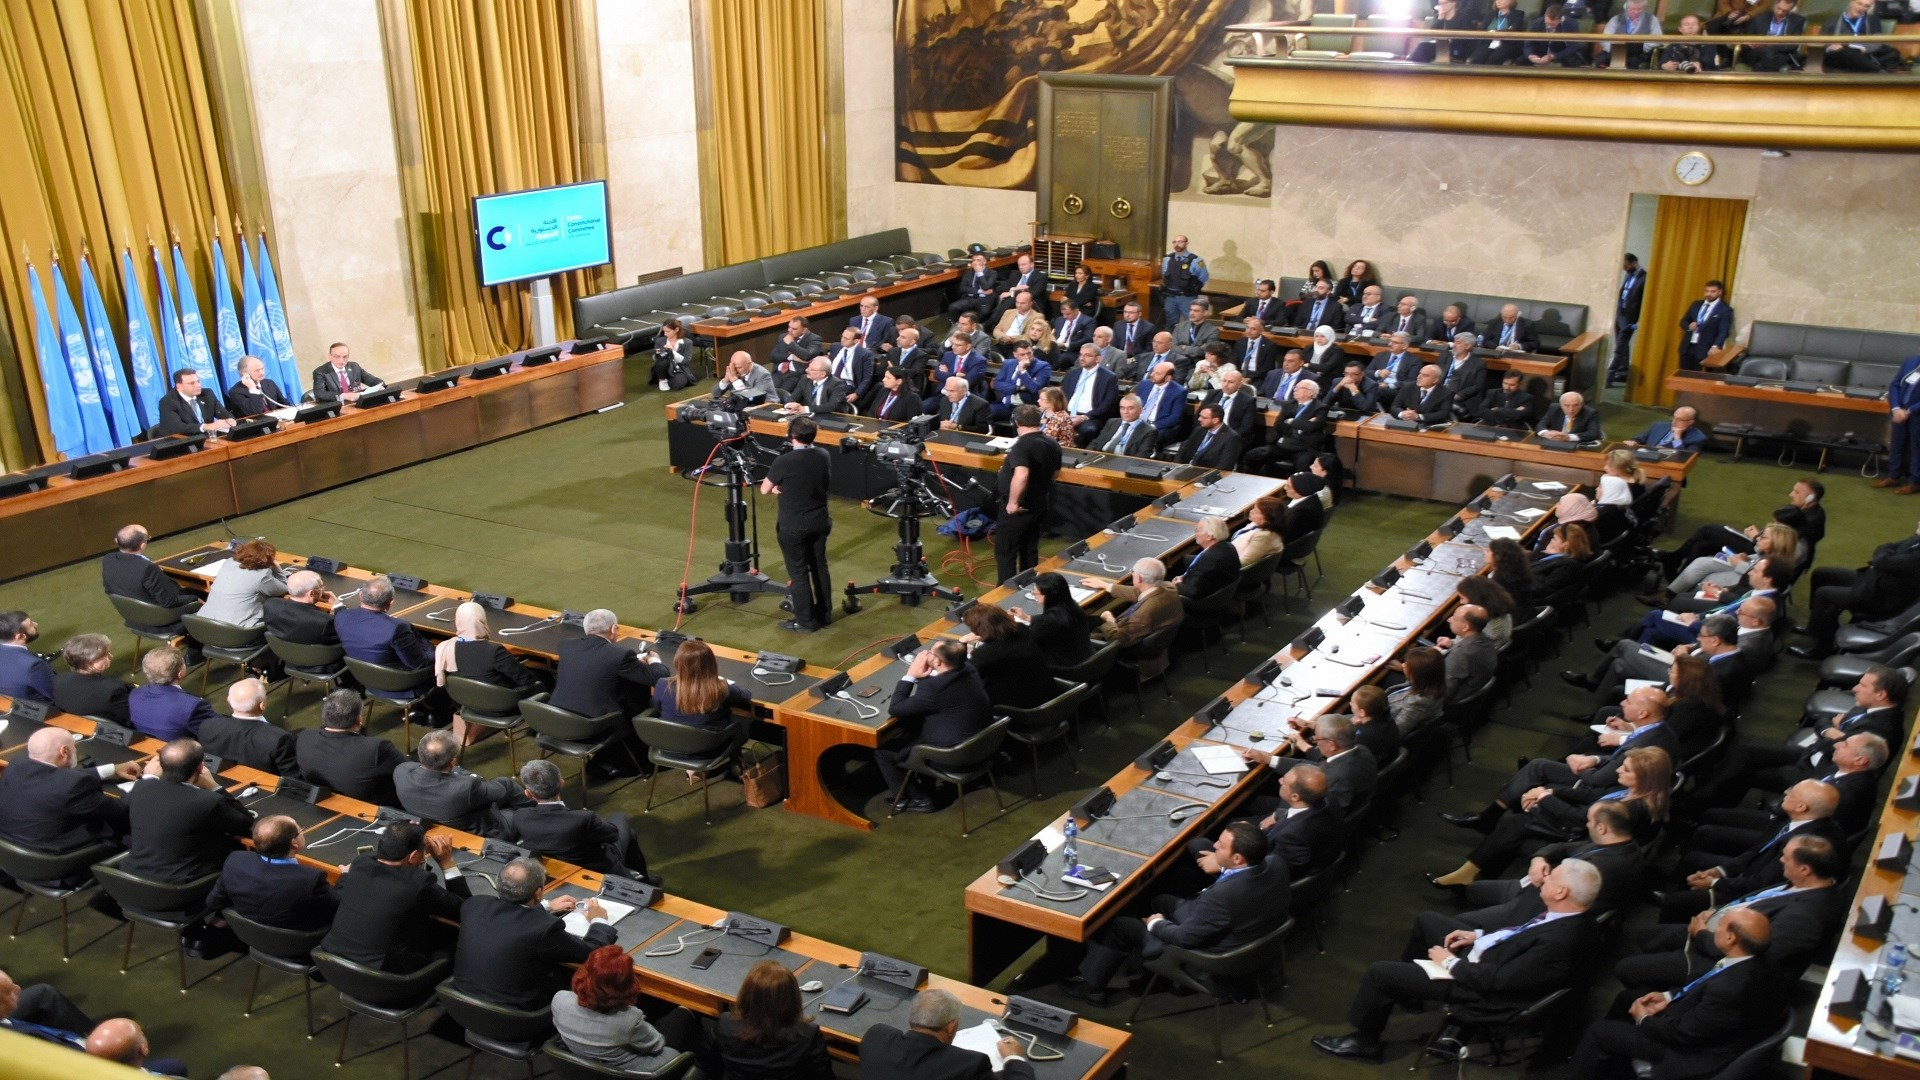 الجولة المقبلة في جنيف ستواصل مناقشة جدول أعمال الجلسة الثالثة حول الأسس والمبادئ الوطنية (أرشيف)